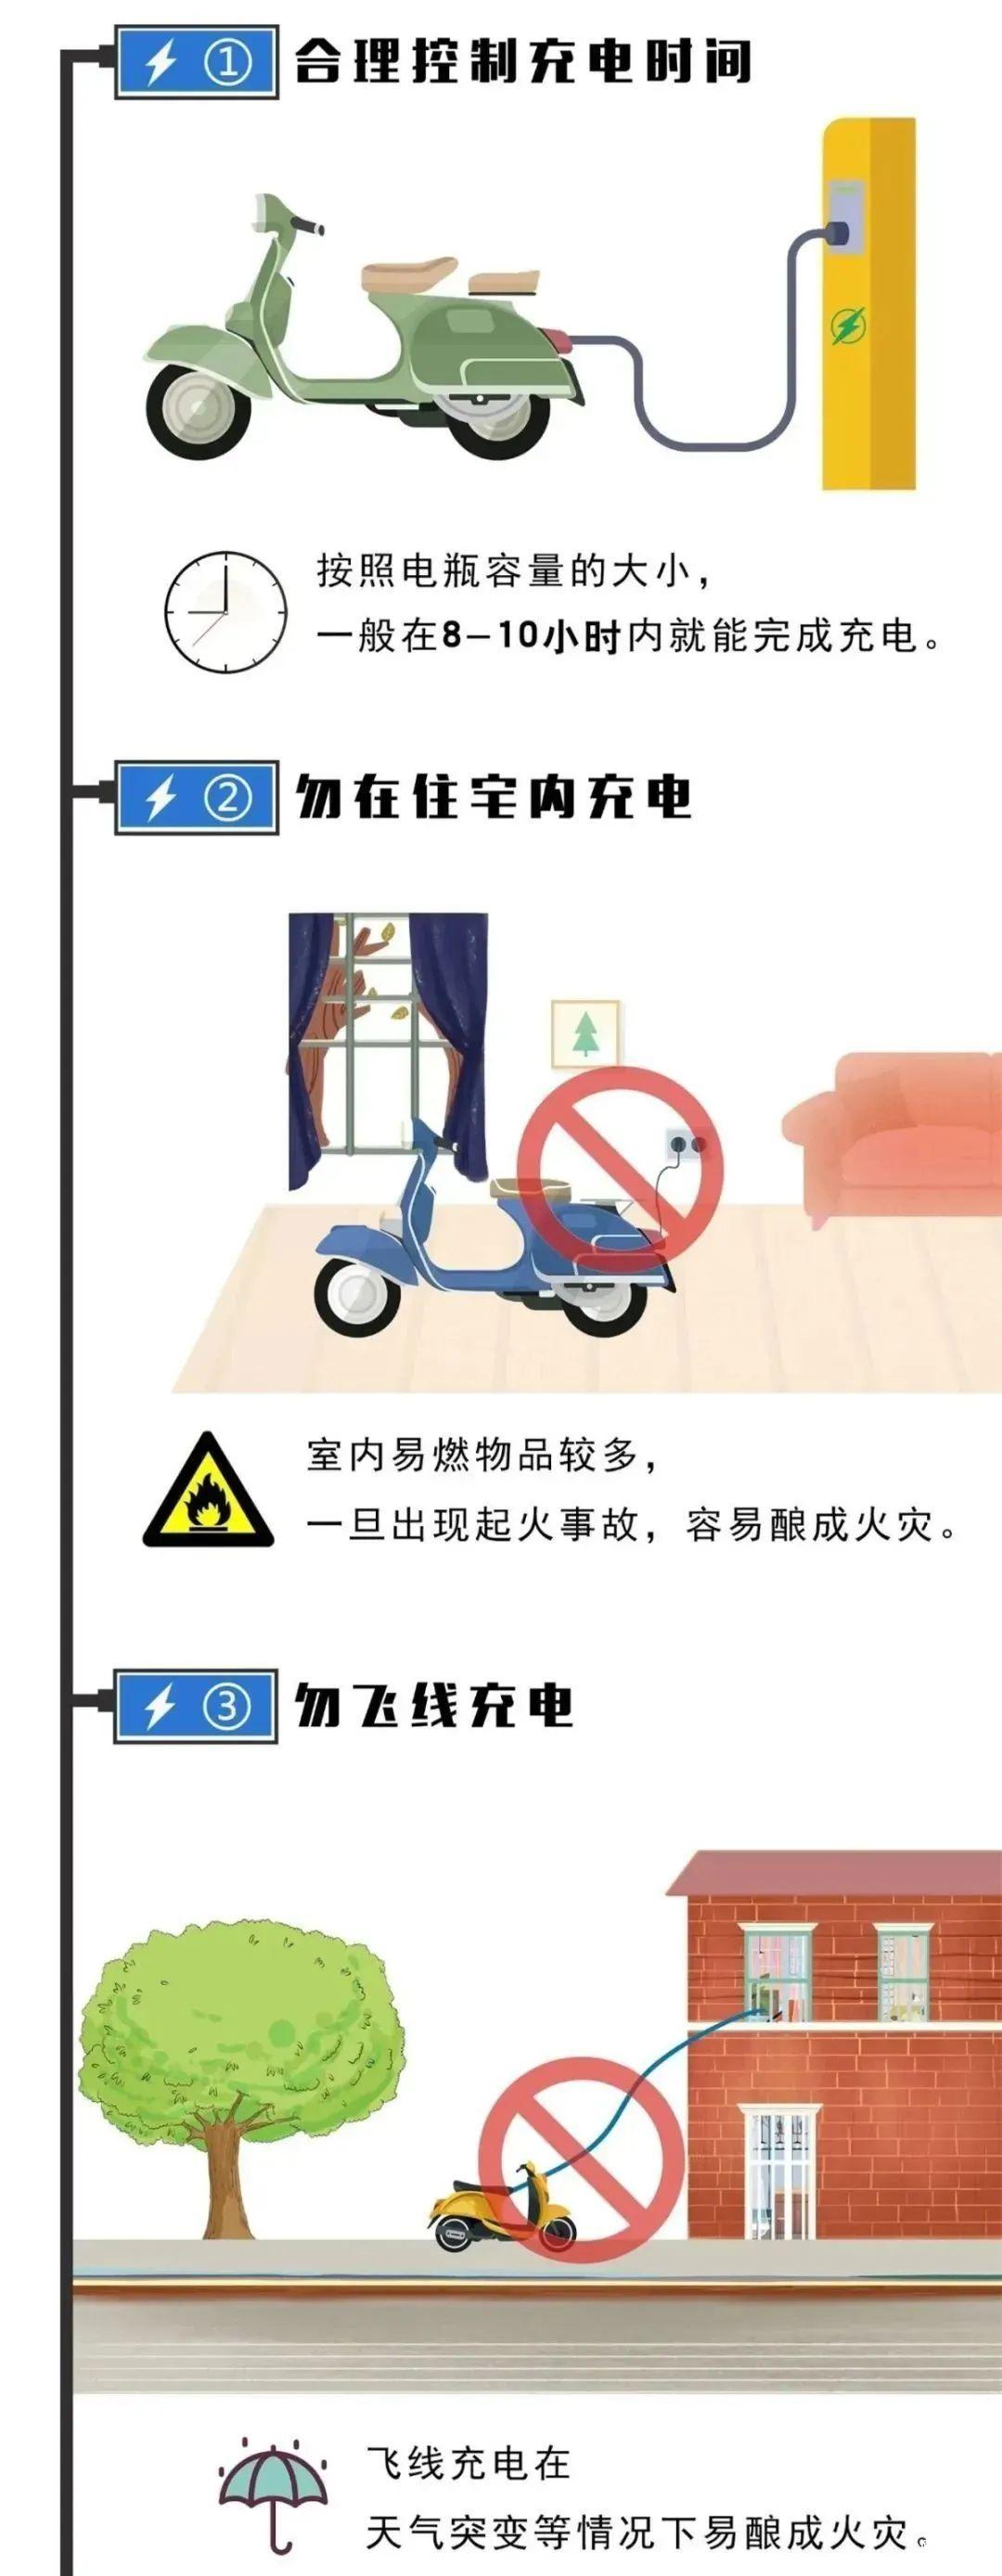 规范使用电动车